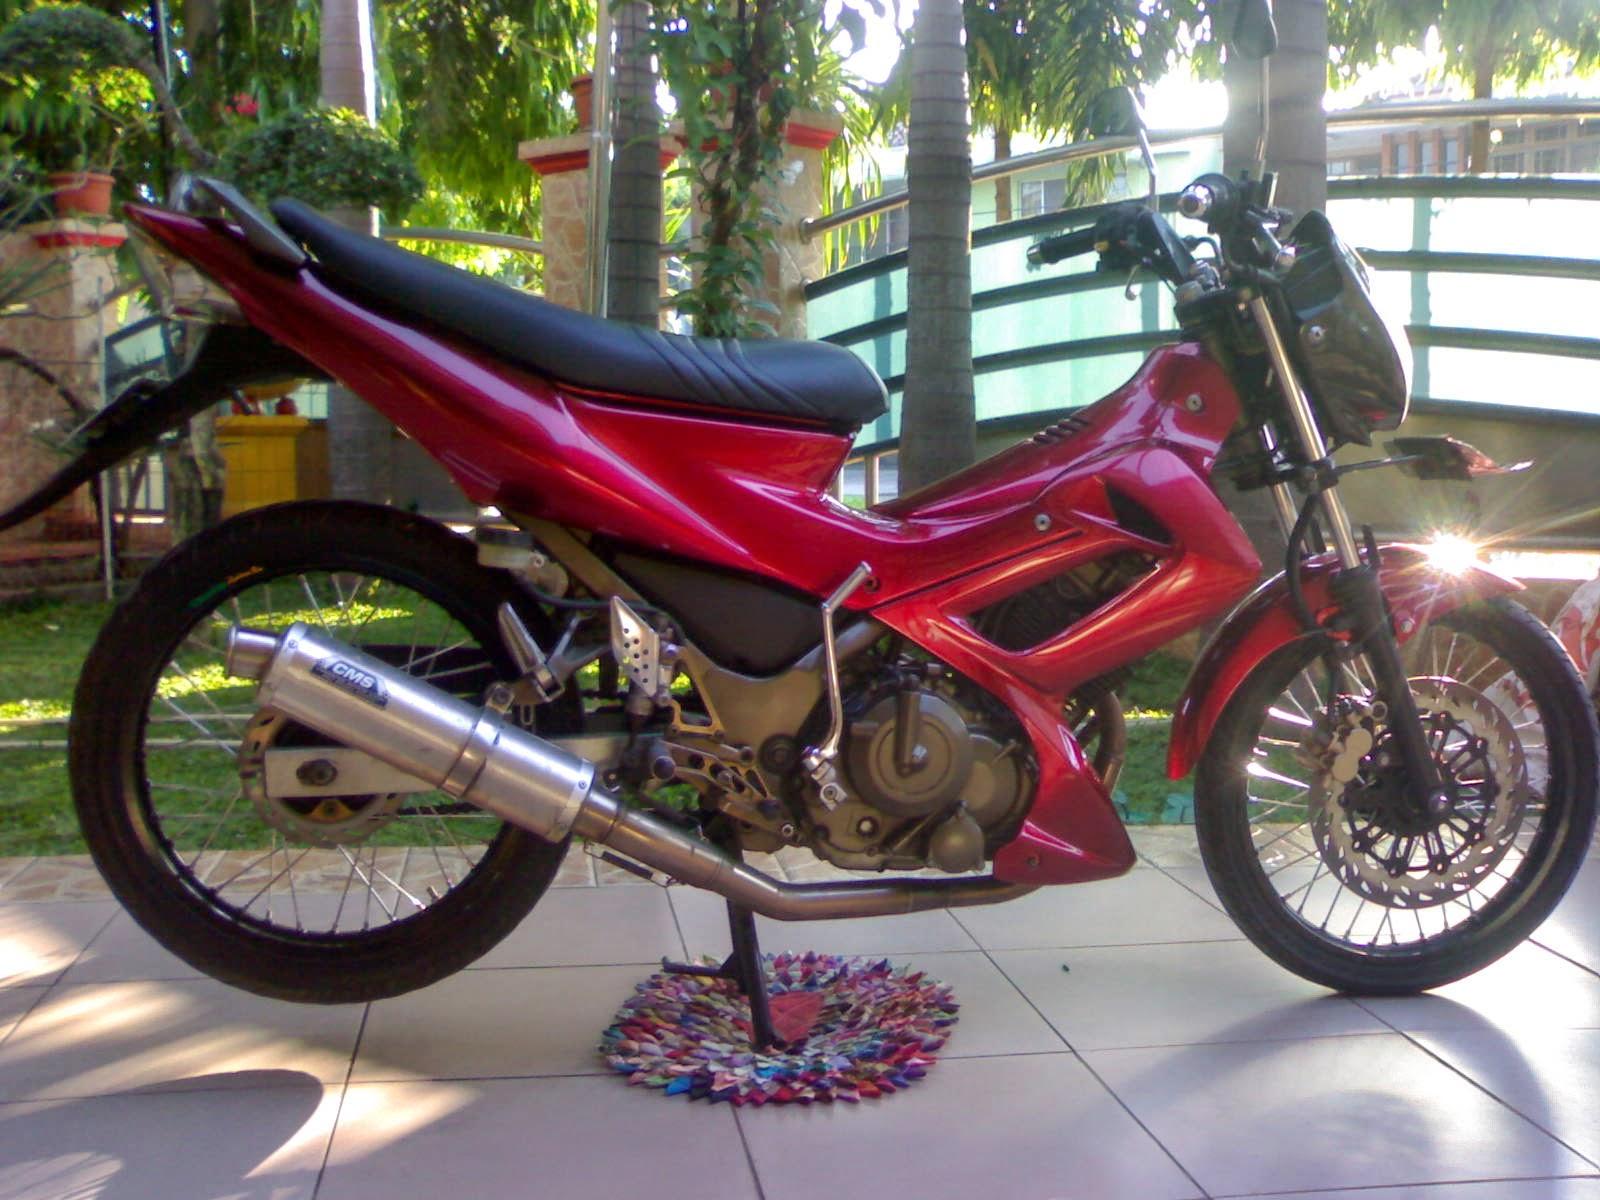 Koleksi Foto Modifikasi Motor Satria Fu Standar Terbaru Modispik Motor